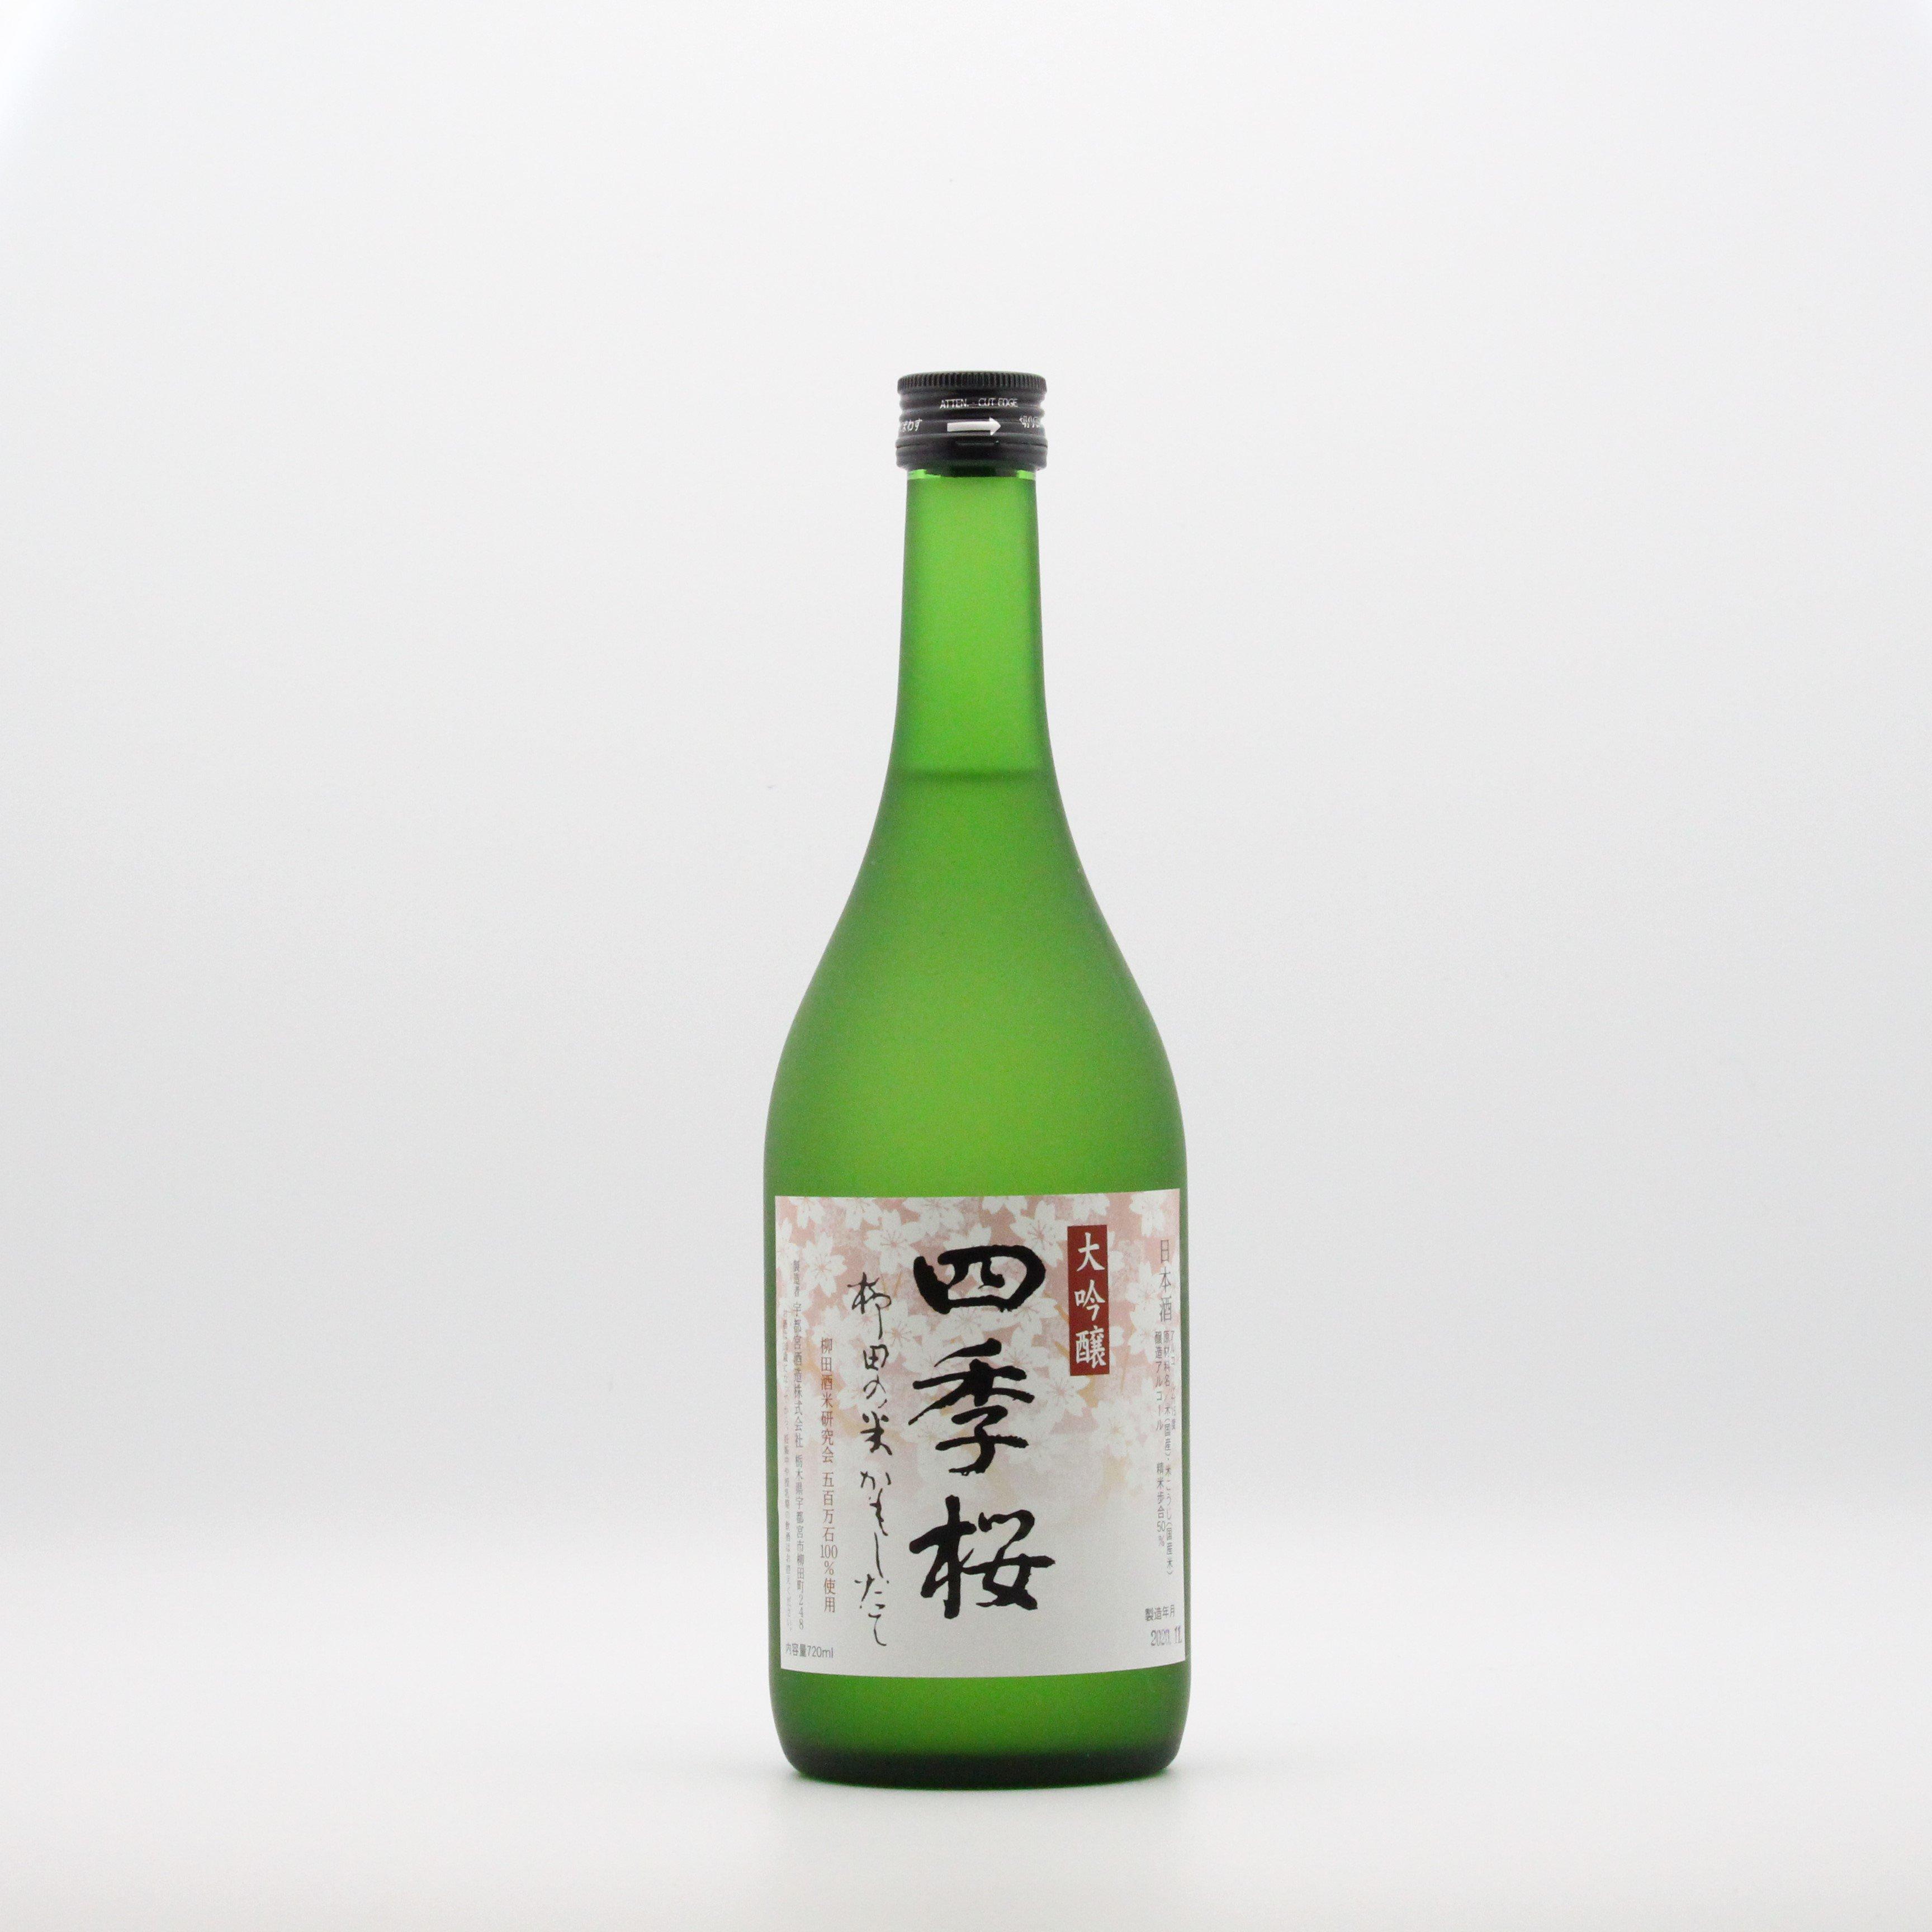 宇都宮酒造/柳田の米かもしたて(大吟醸酒) 720ml